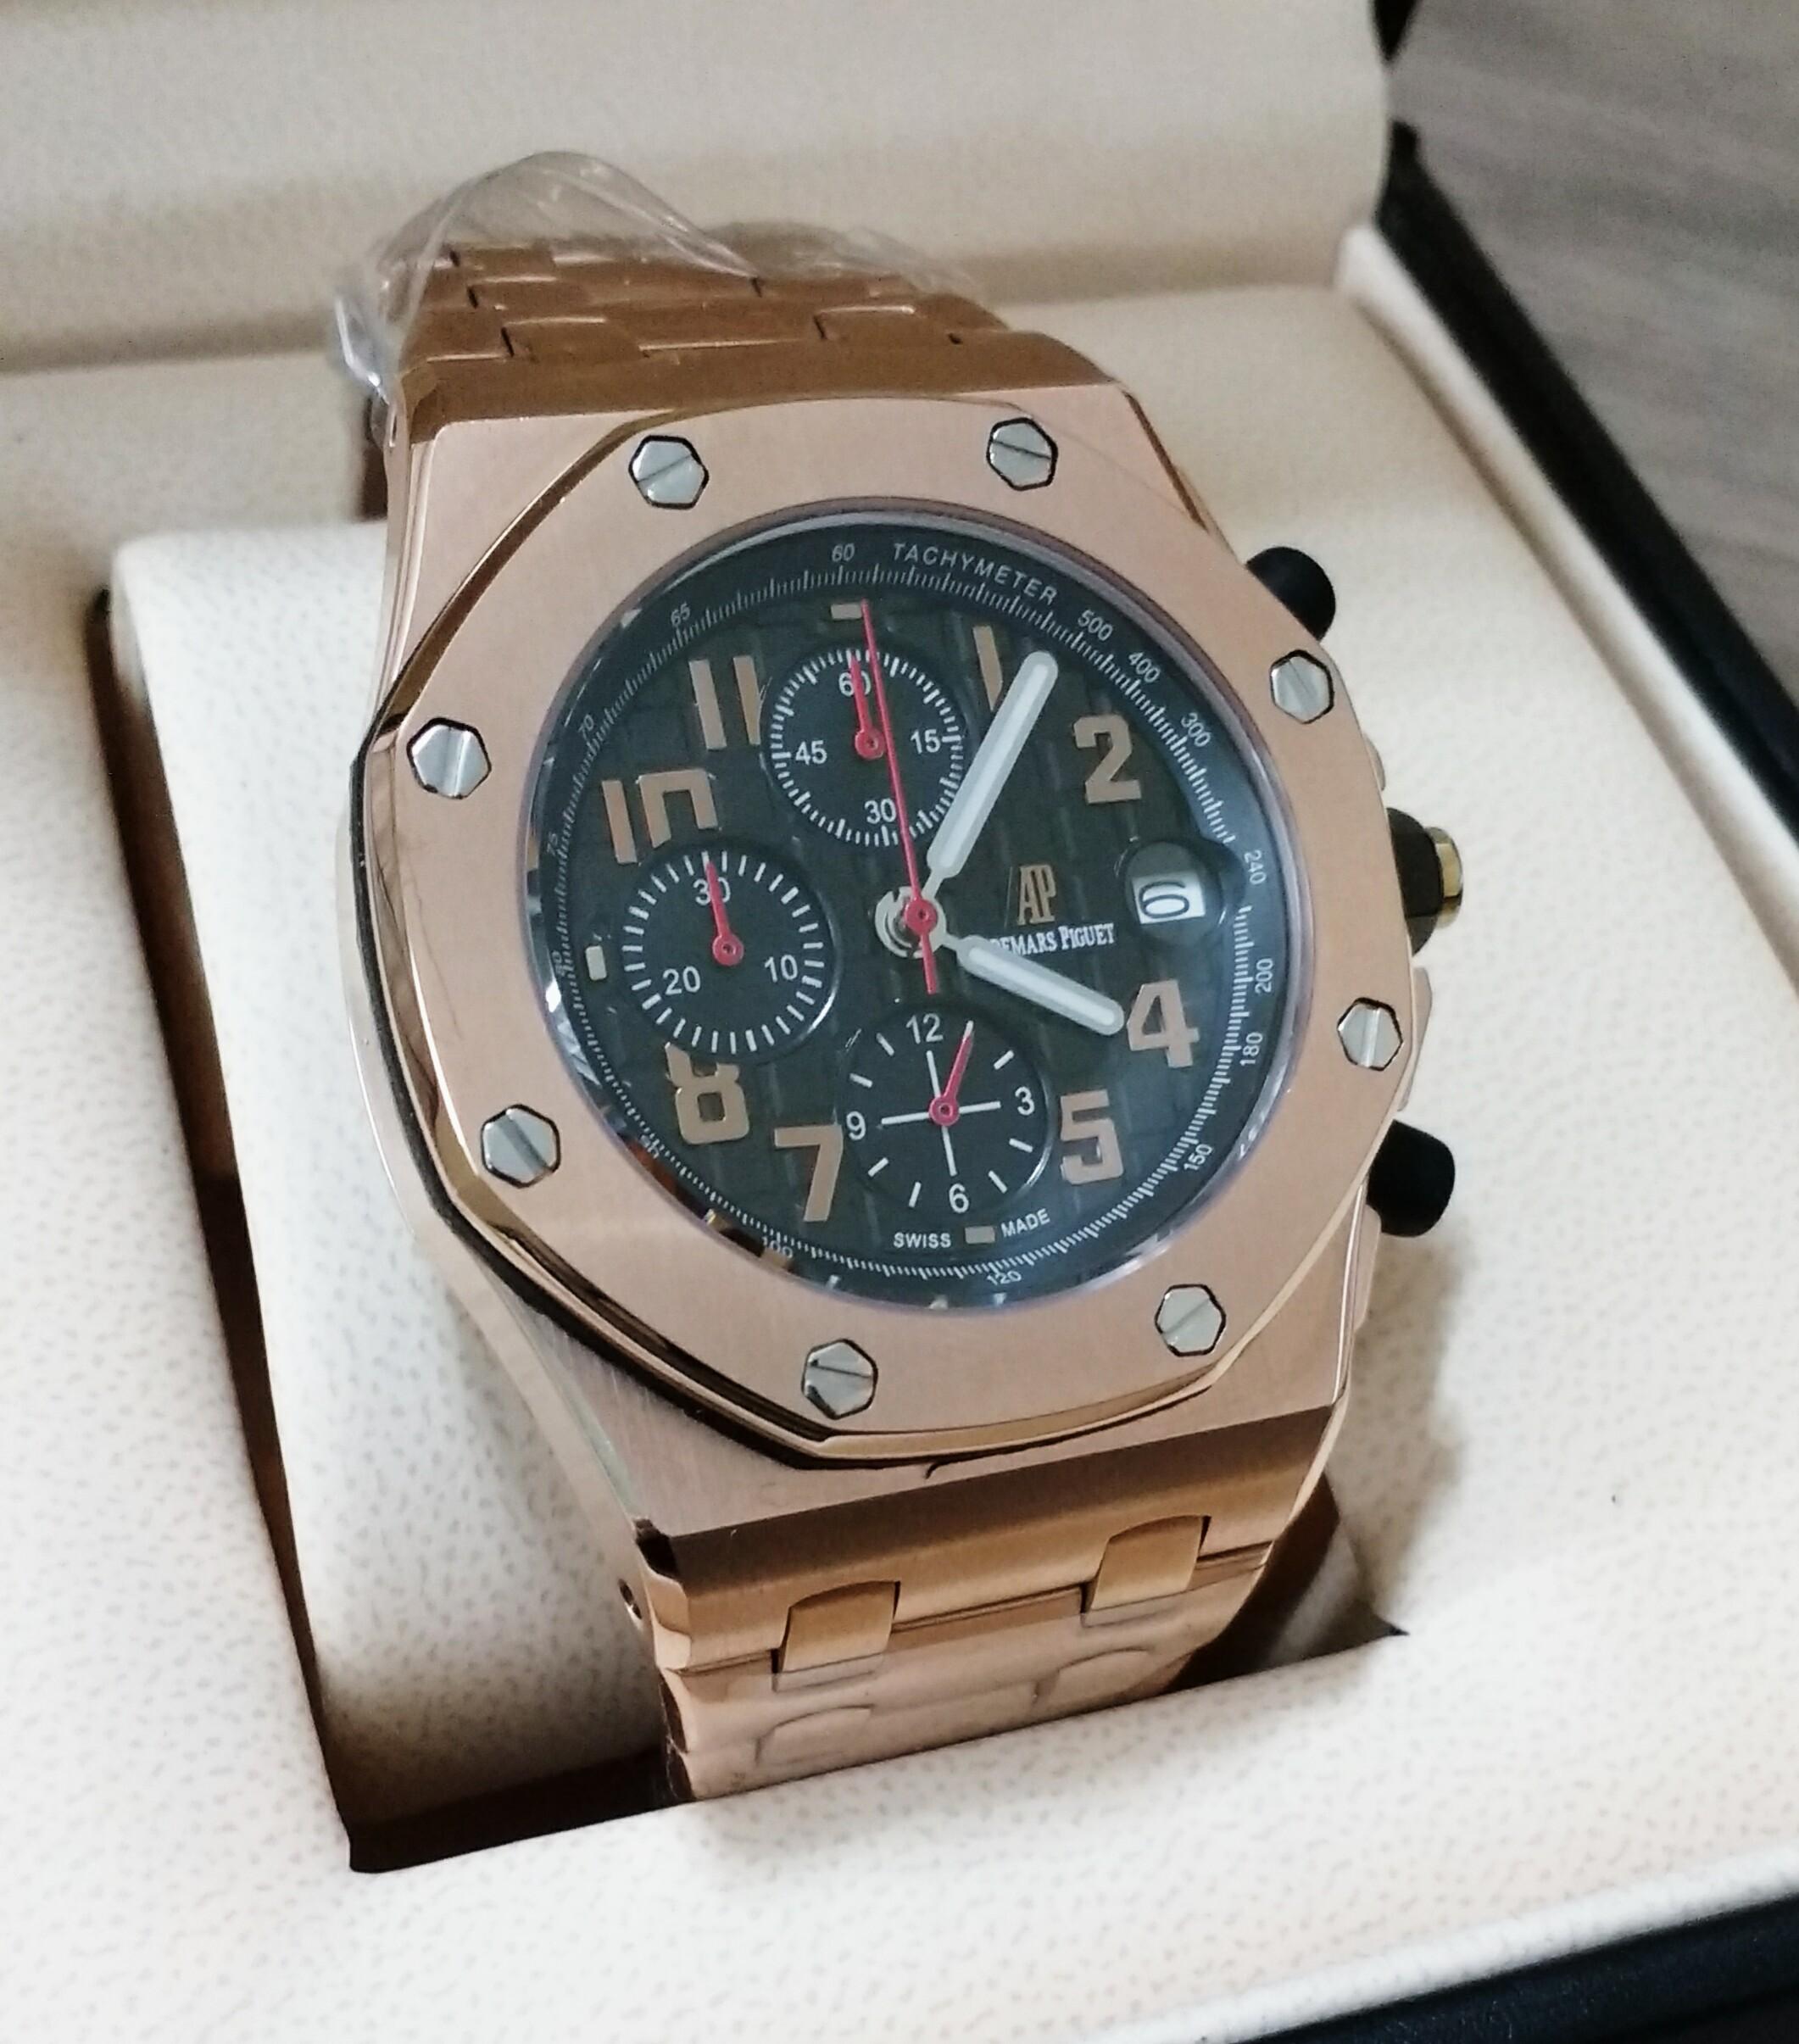 cce6b1350e9 Réplica de Relógio Audemars Piguet Royal Oak – AP 12 – Réplicas de ...